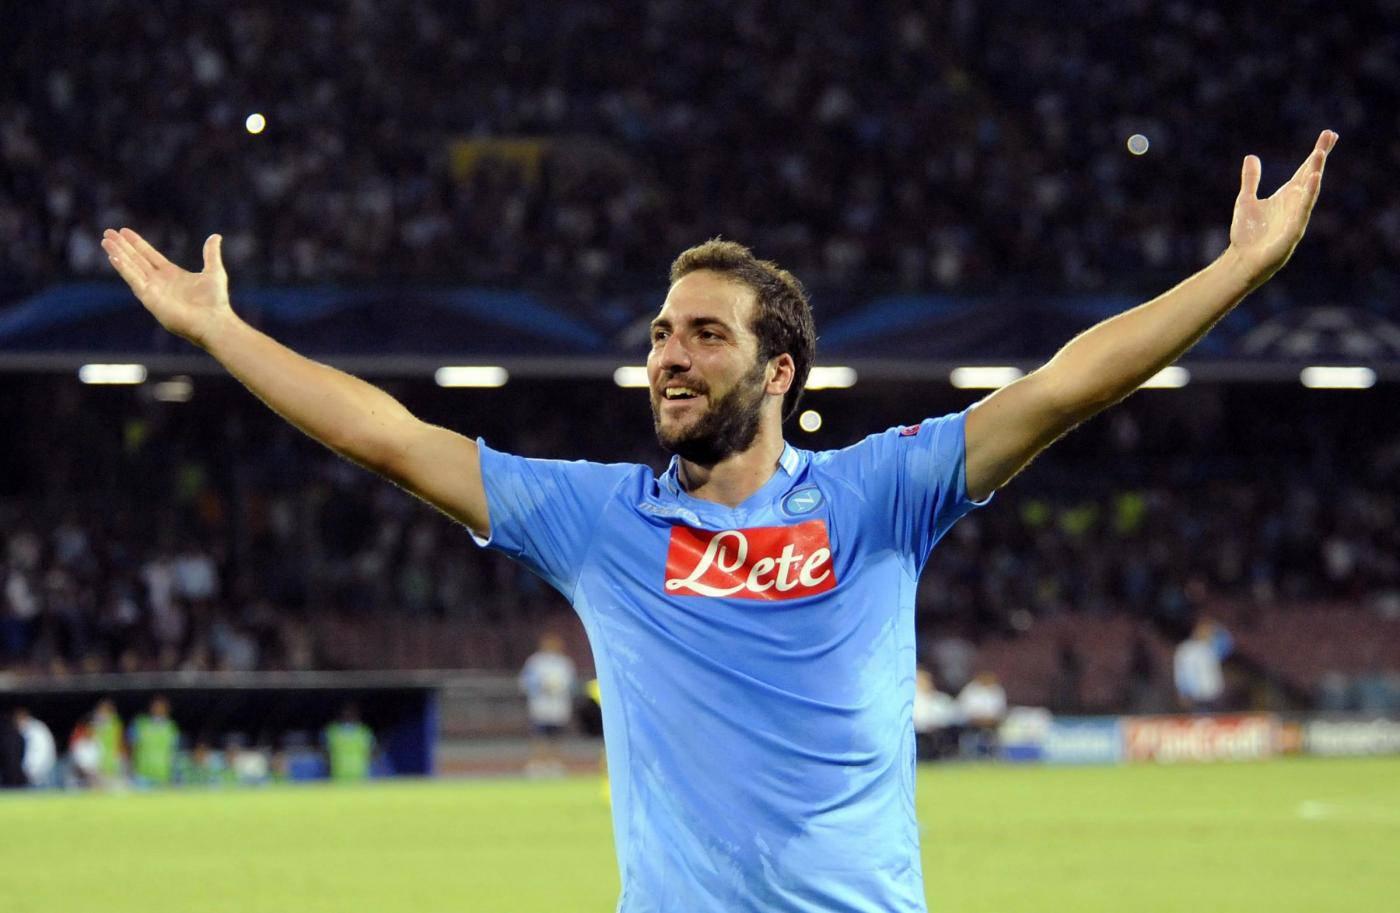 Calciomercato Napoli, 80 milioni per Higuain: i tifosi azzurri tremano